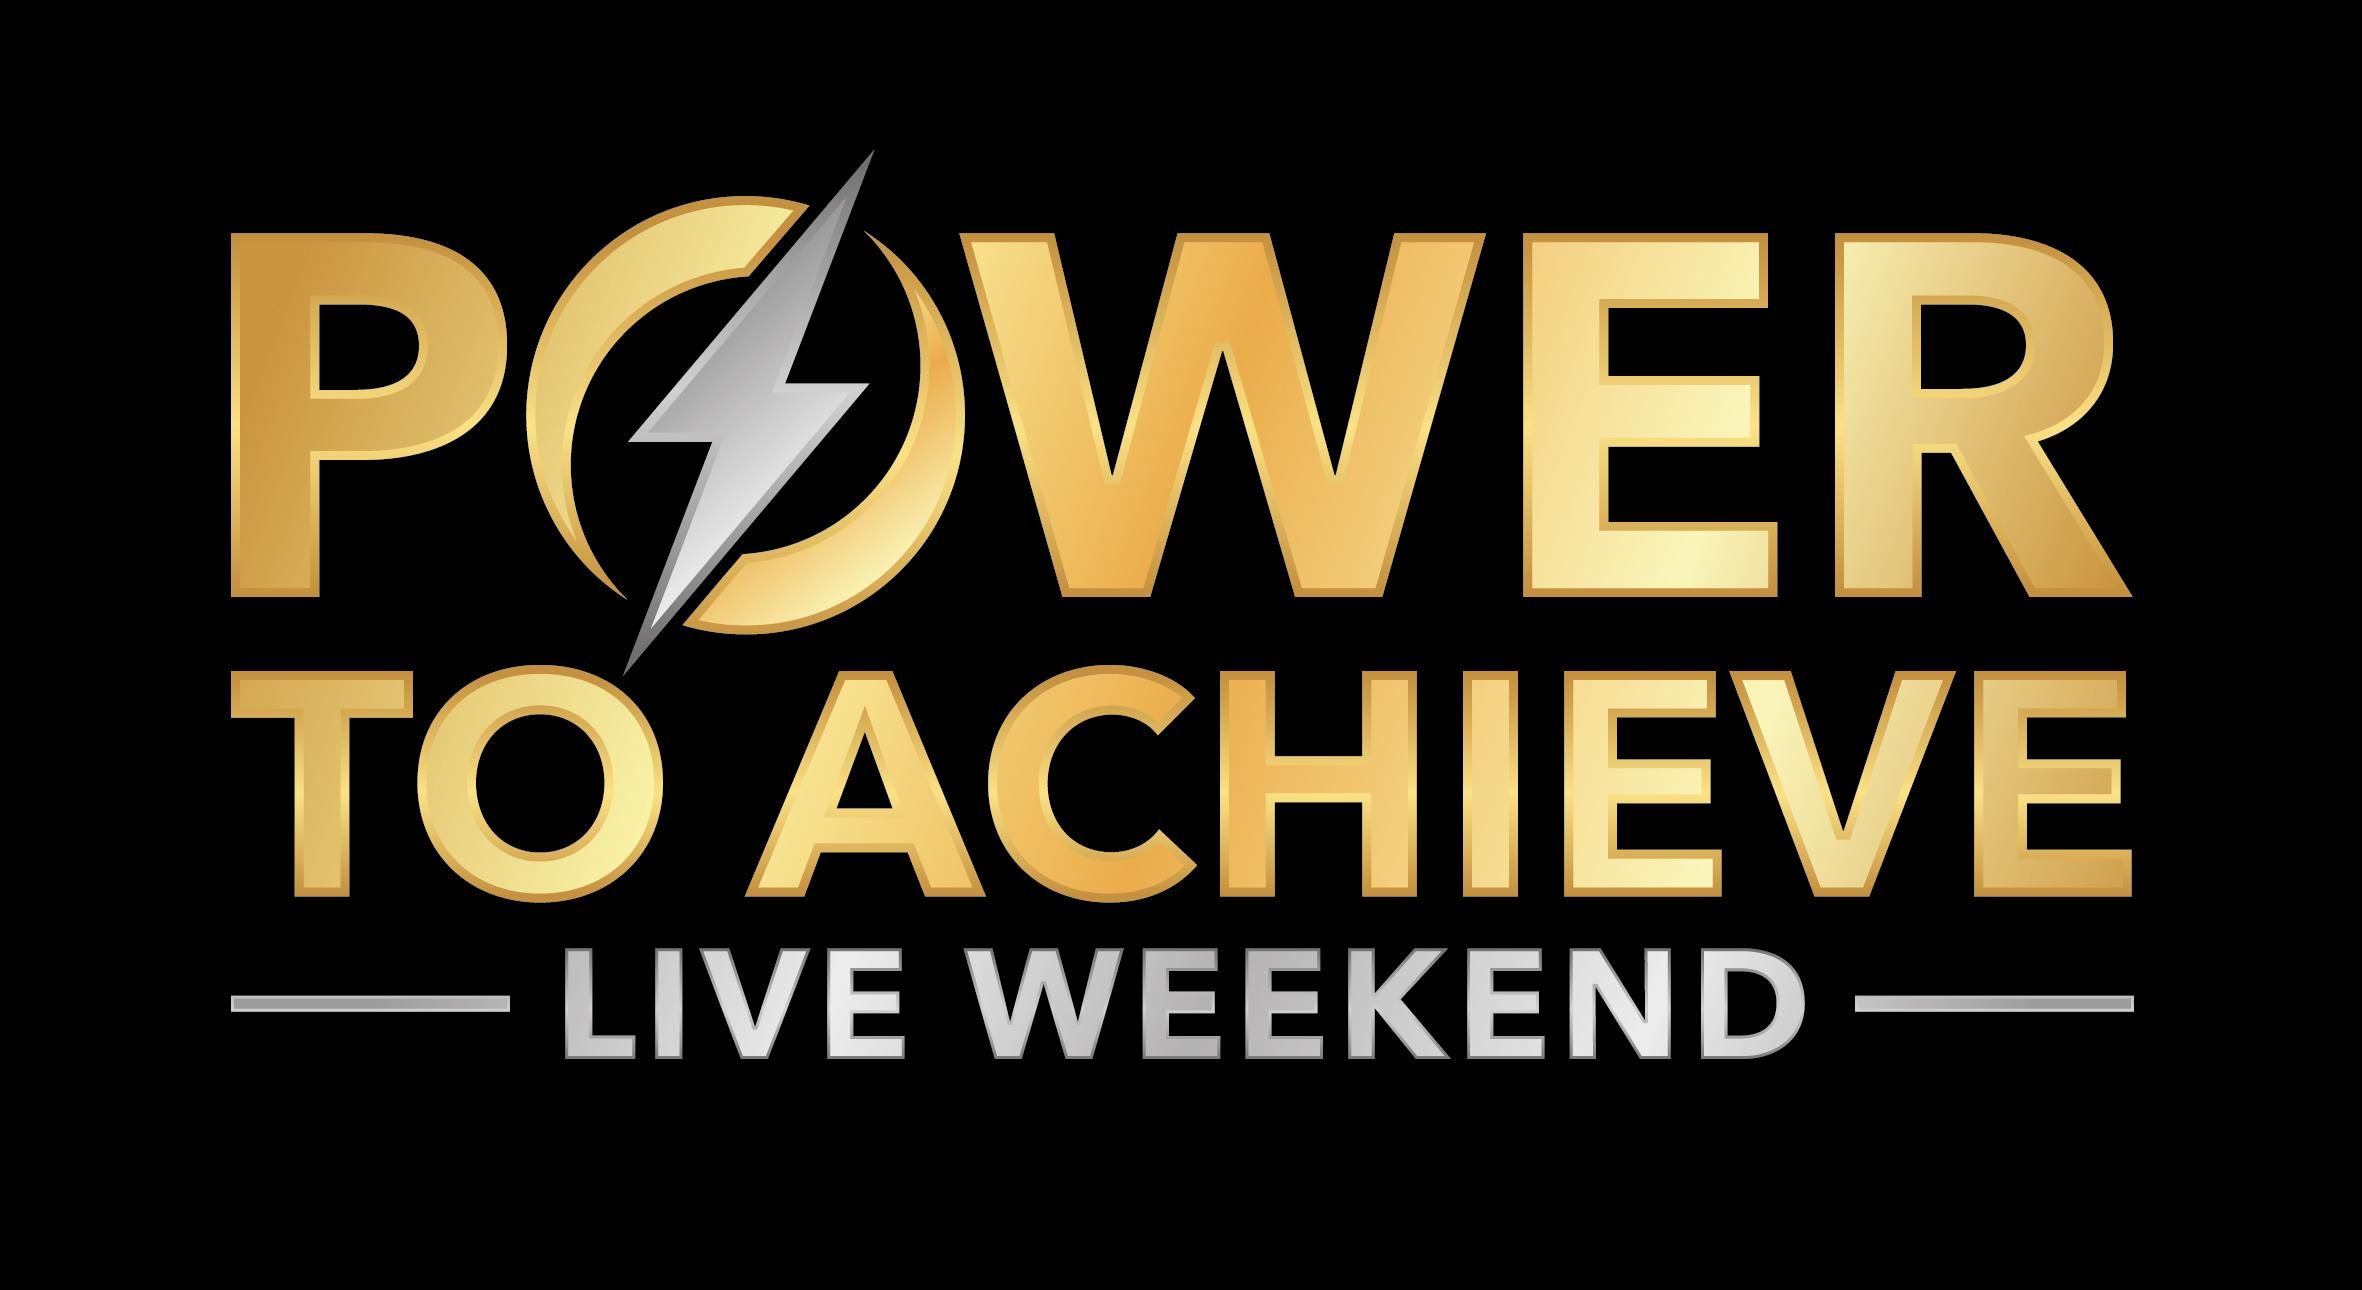 Powertoacheieve logo.jpg